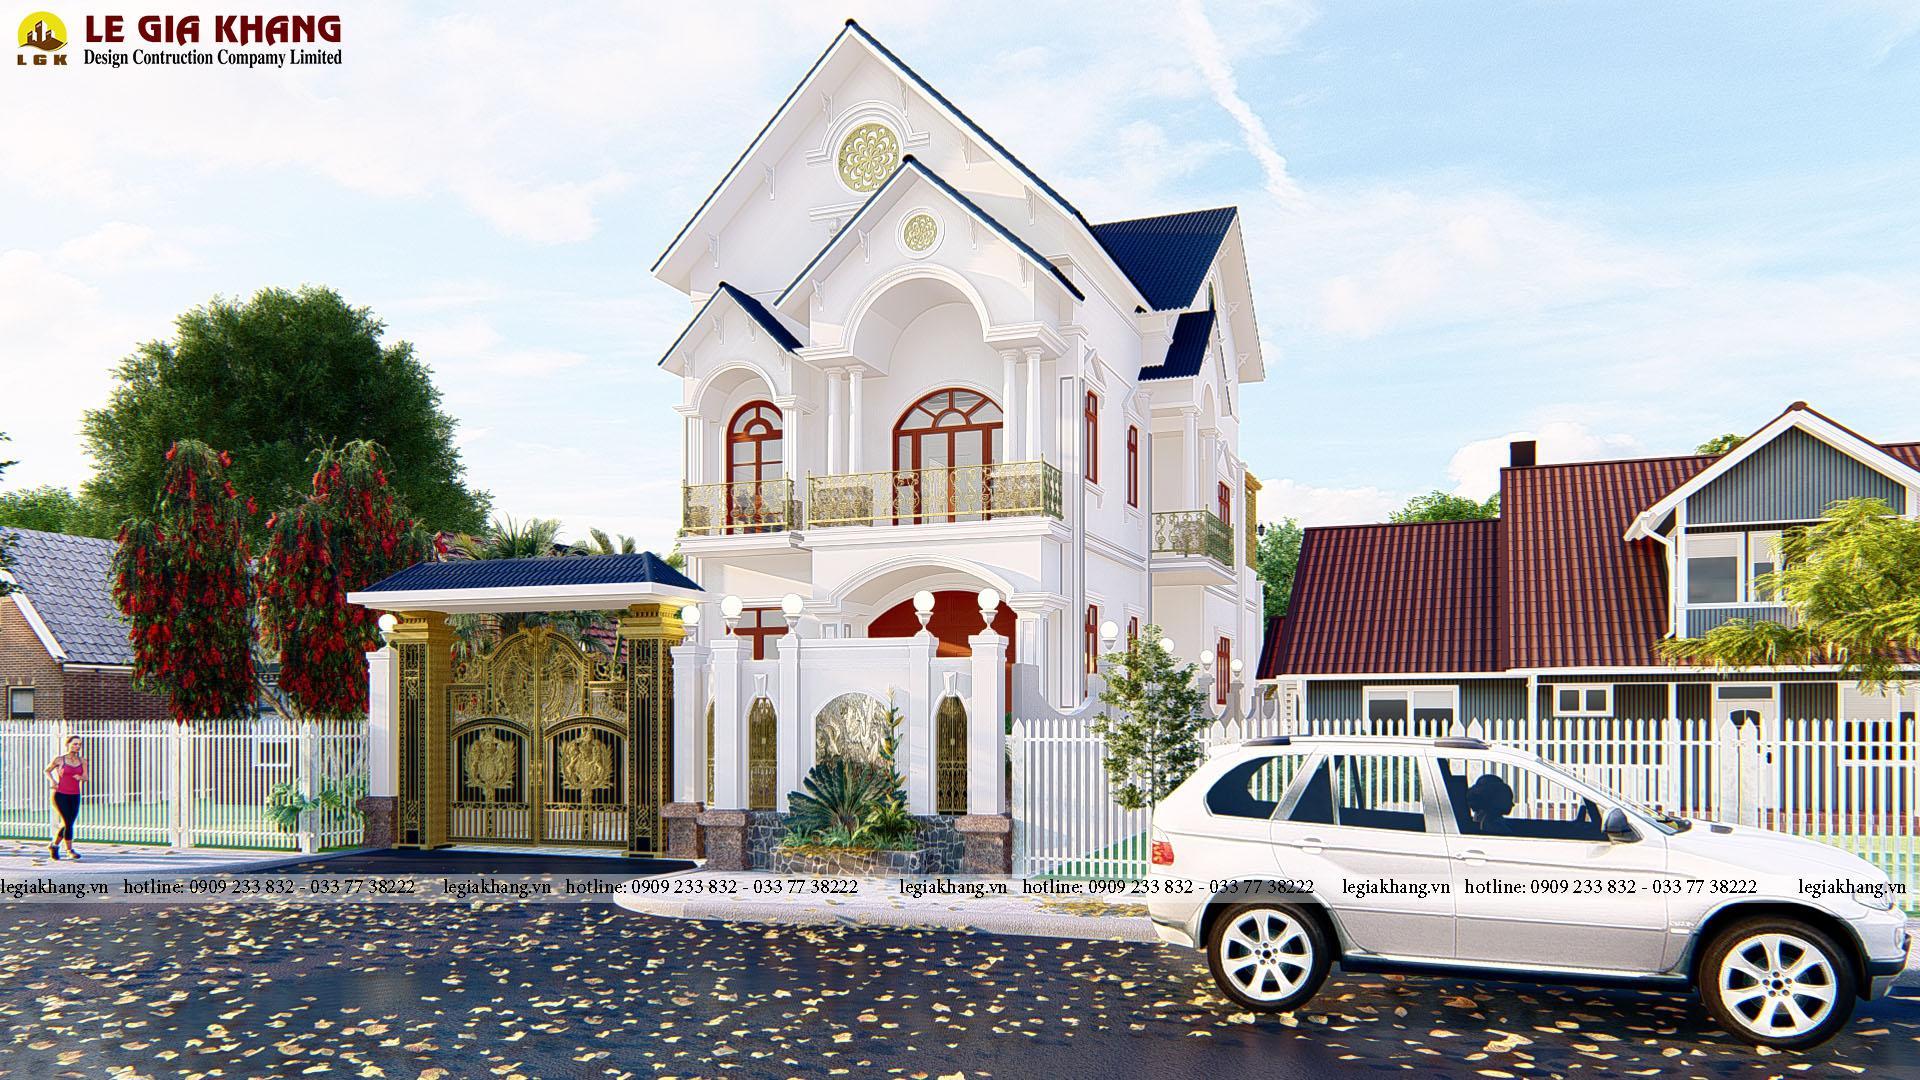 Nhà Chú Hải - P. Bửu Hoà, TP. Biên Hoà, T. Đồng Nai 3